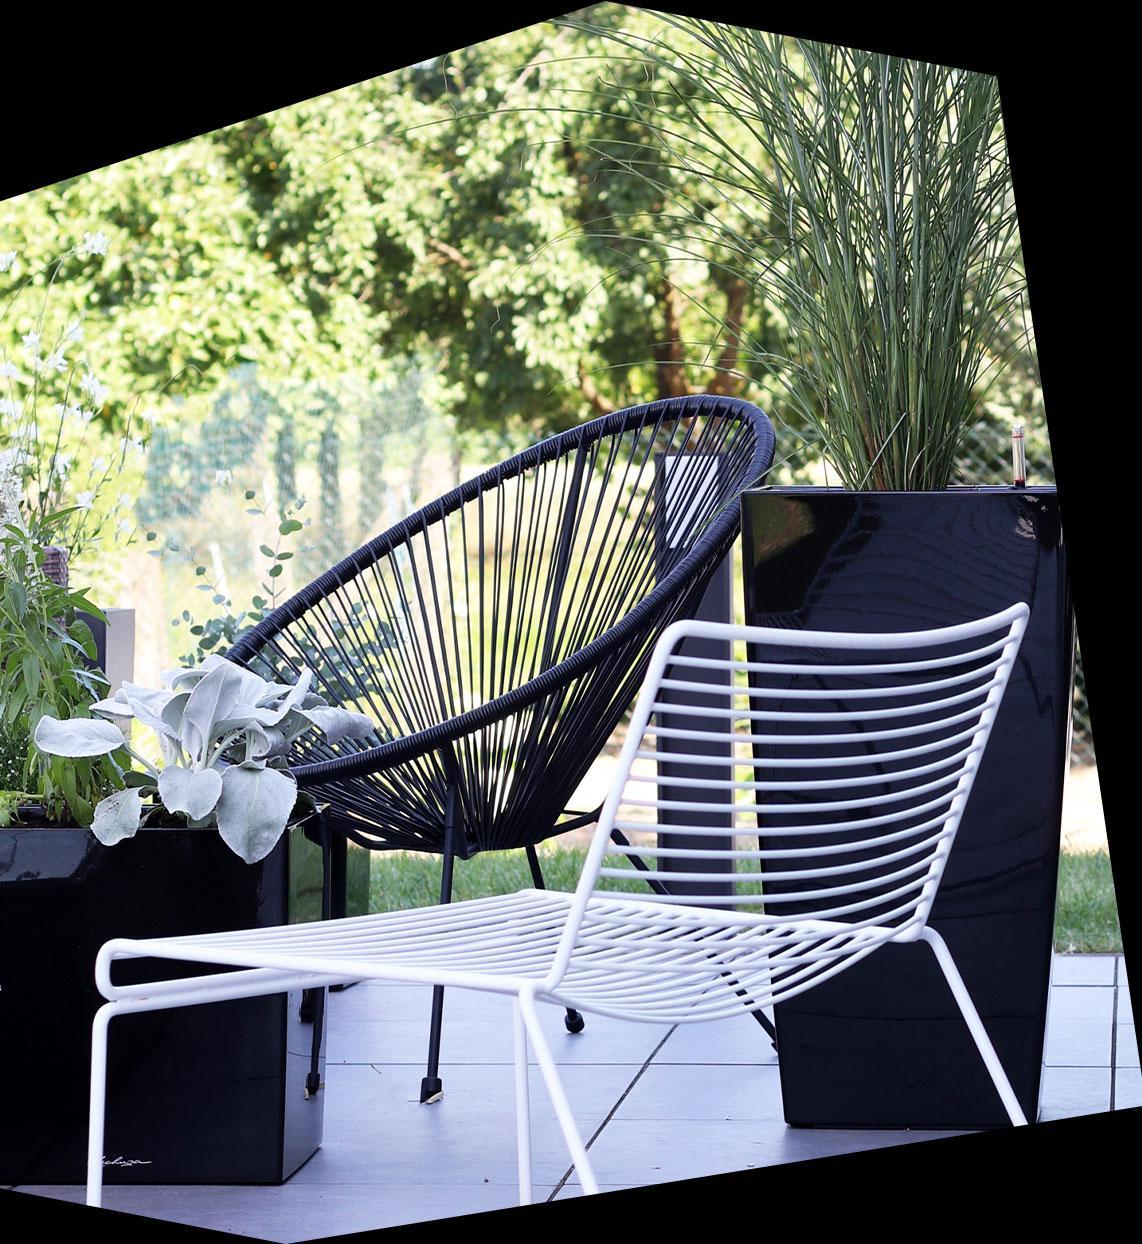 Schwarzes Hochglanz-Pflanzgefäß CUBICO und CUBE auf einer Terrasse mit schwarzen und weißen Stahlrohrmöbeln.